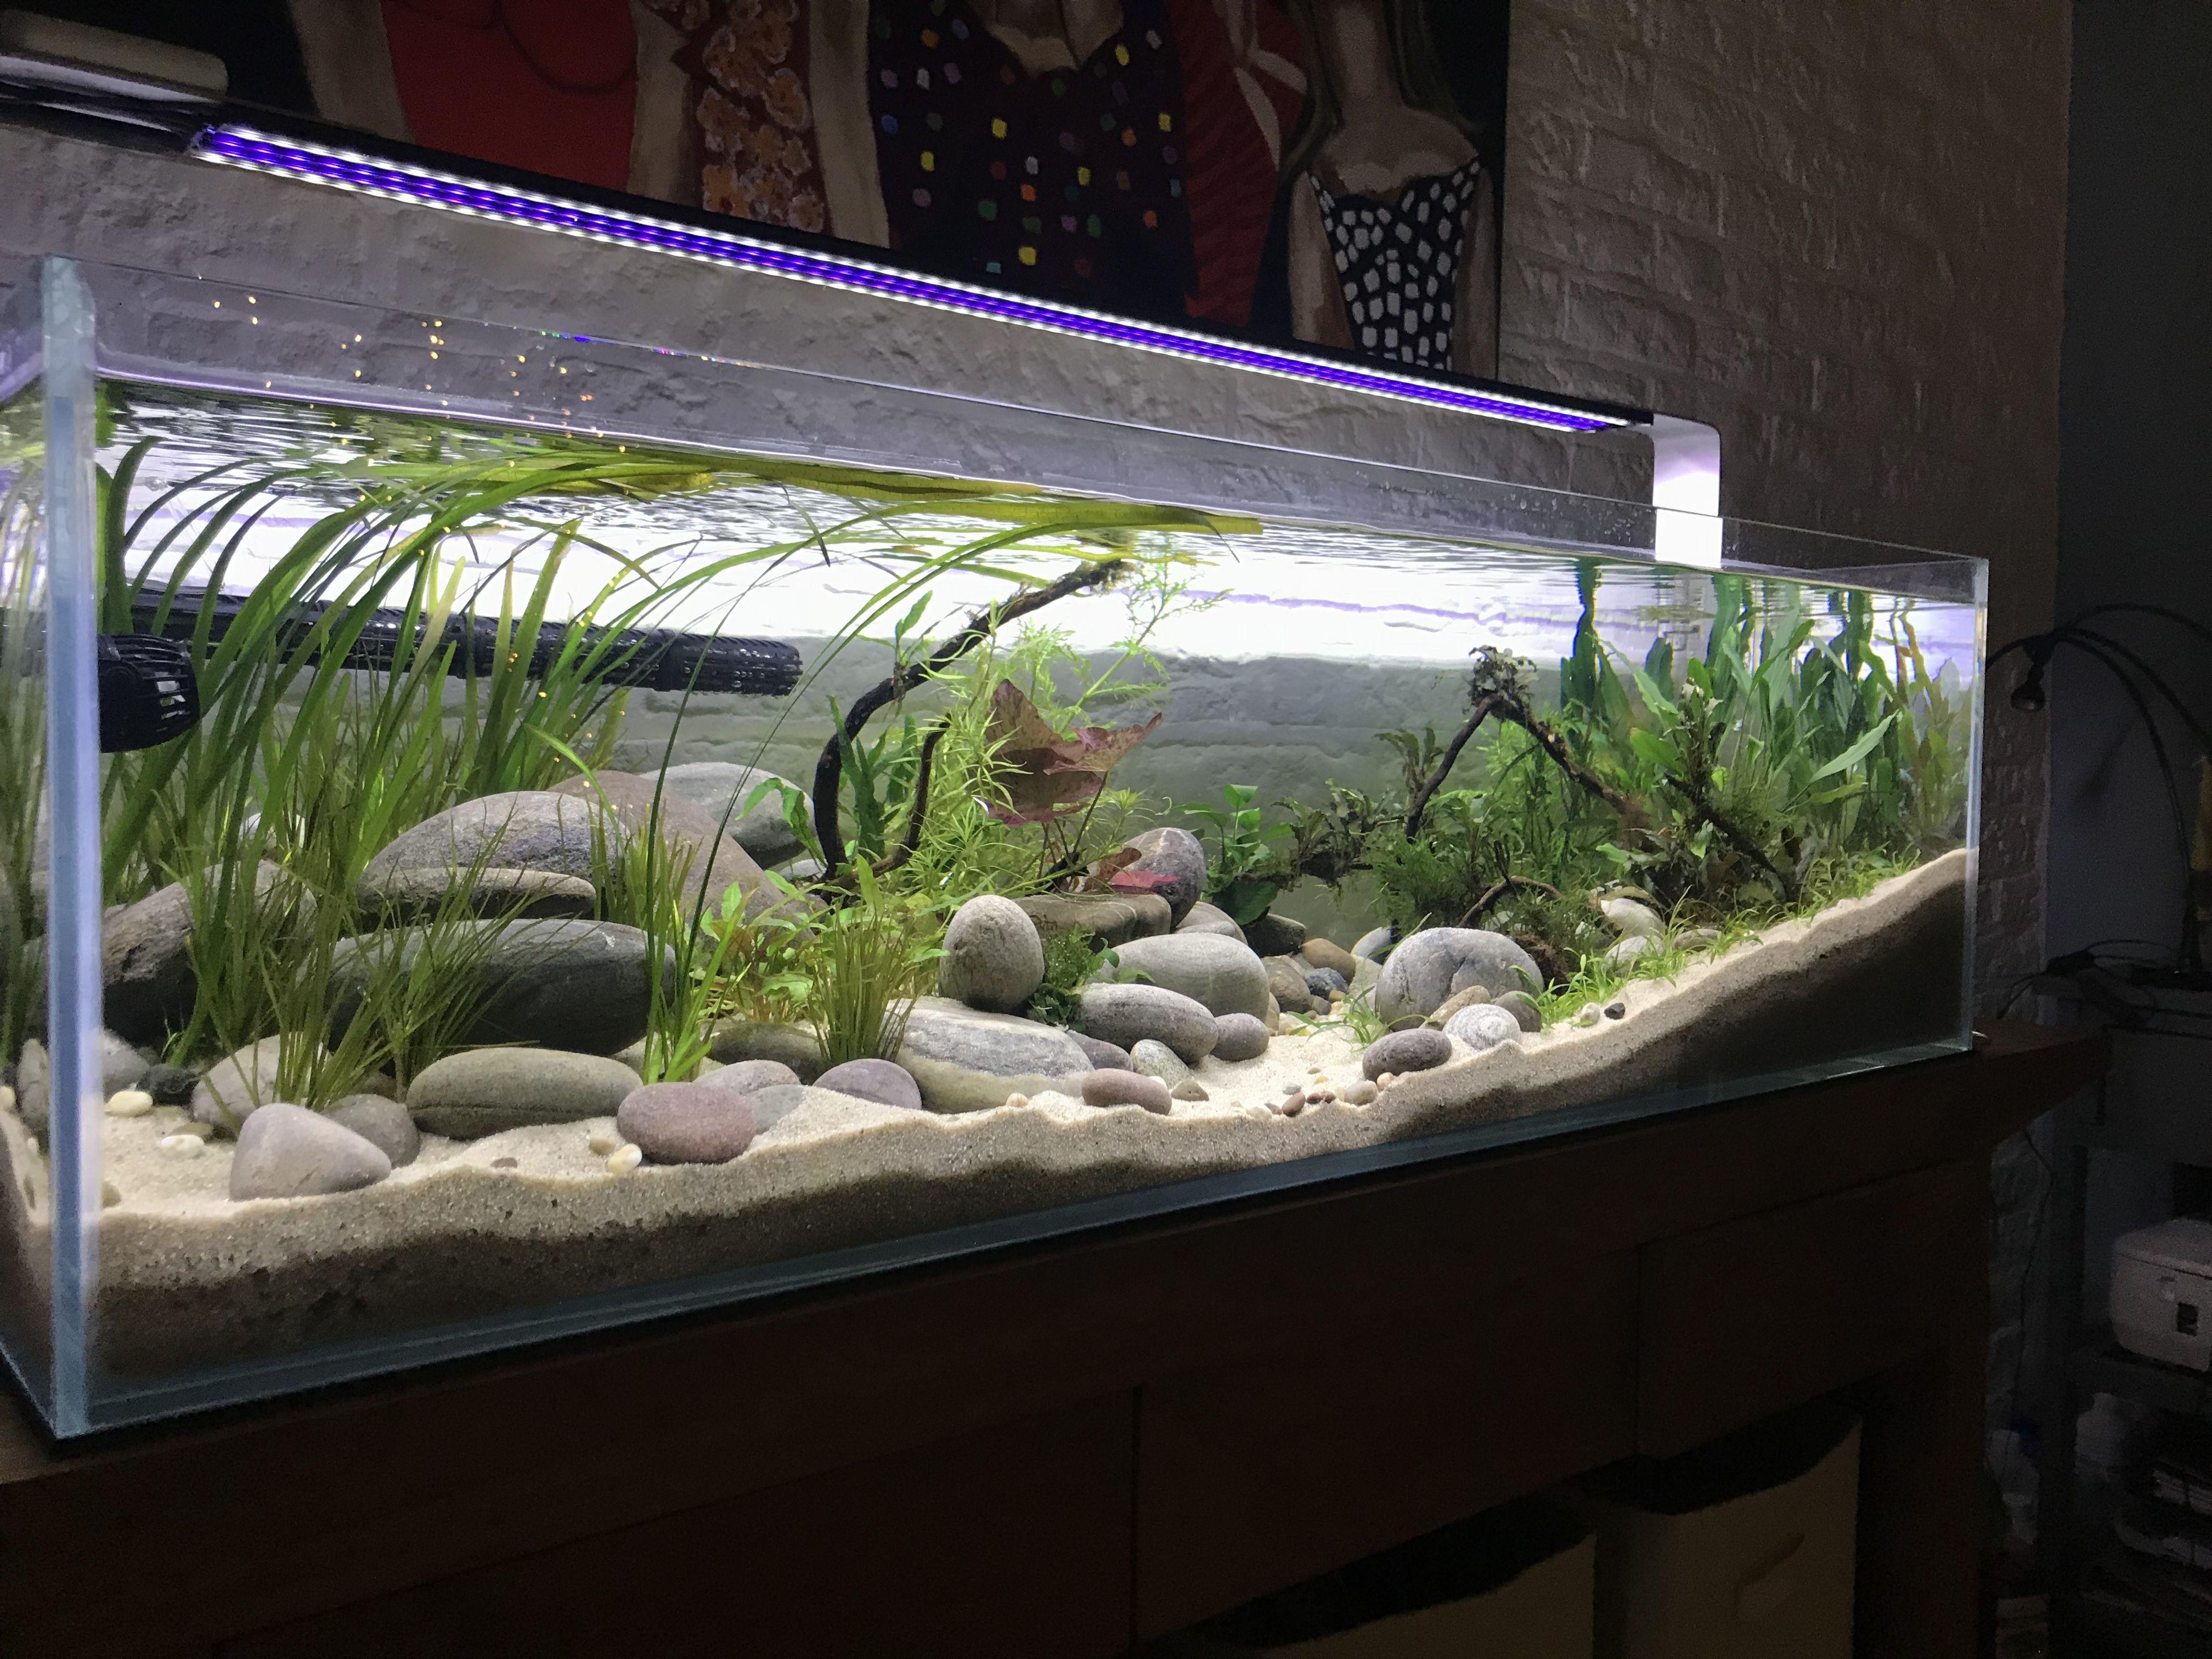 Fish Aquariums, Borneo, Tropical Fish Aquarium, Treatment Rooms, Aquarium  Ideas, Freshwater Aquarium, Aquascaping, Fish Tanks, Terrariums